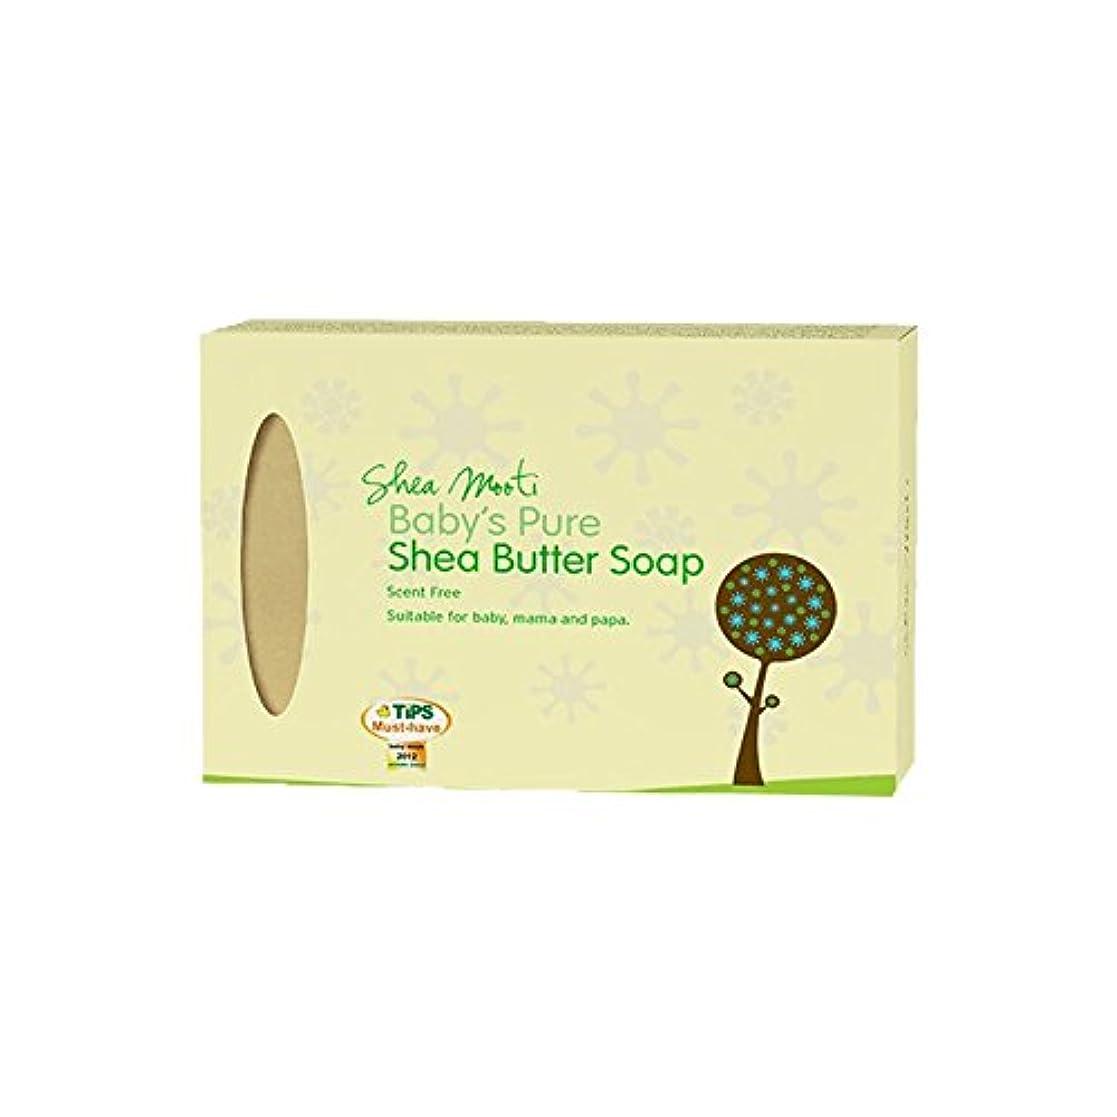 チャートボトルネック病弱Shea Mooti Baby's Pure Shea Butter Soap Unscented 250ml (Pack of 2) - シアバターMooti赤ちゃんの純粋なシアバターソープ無香250ミリリットル (x2...